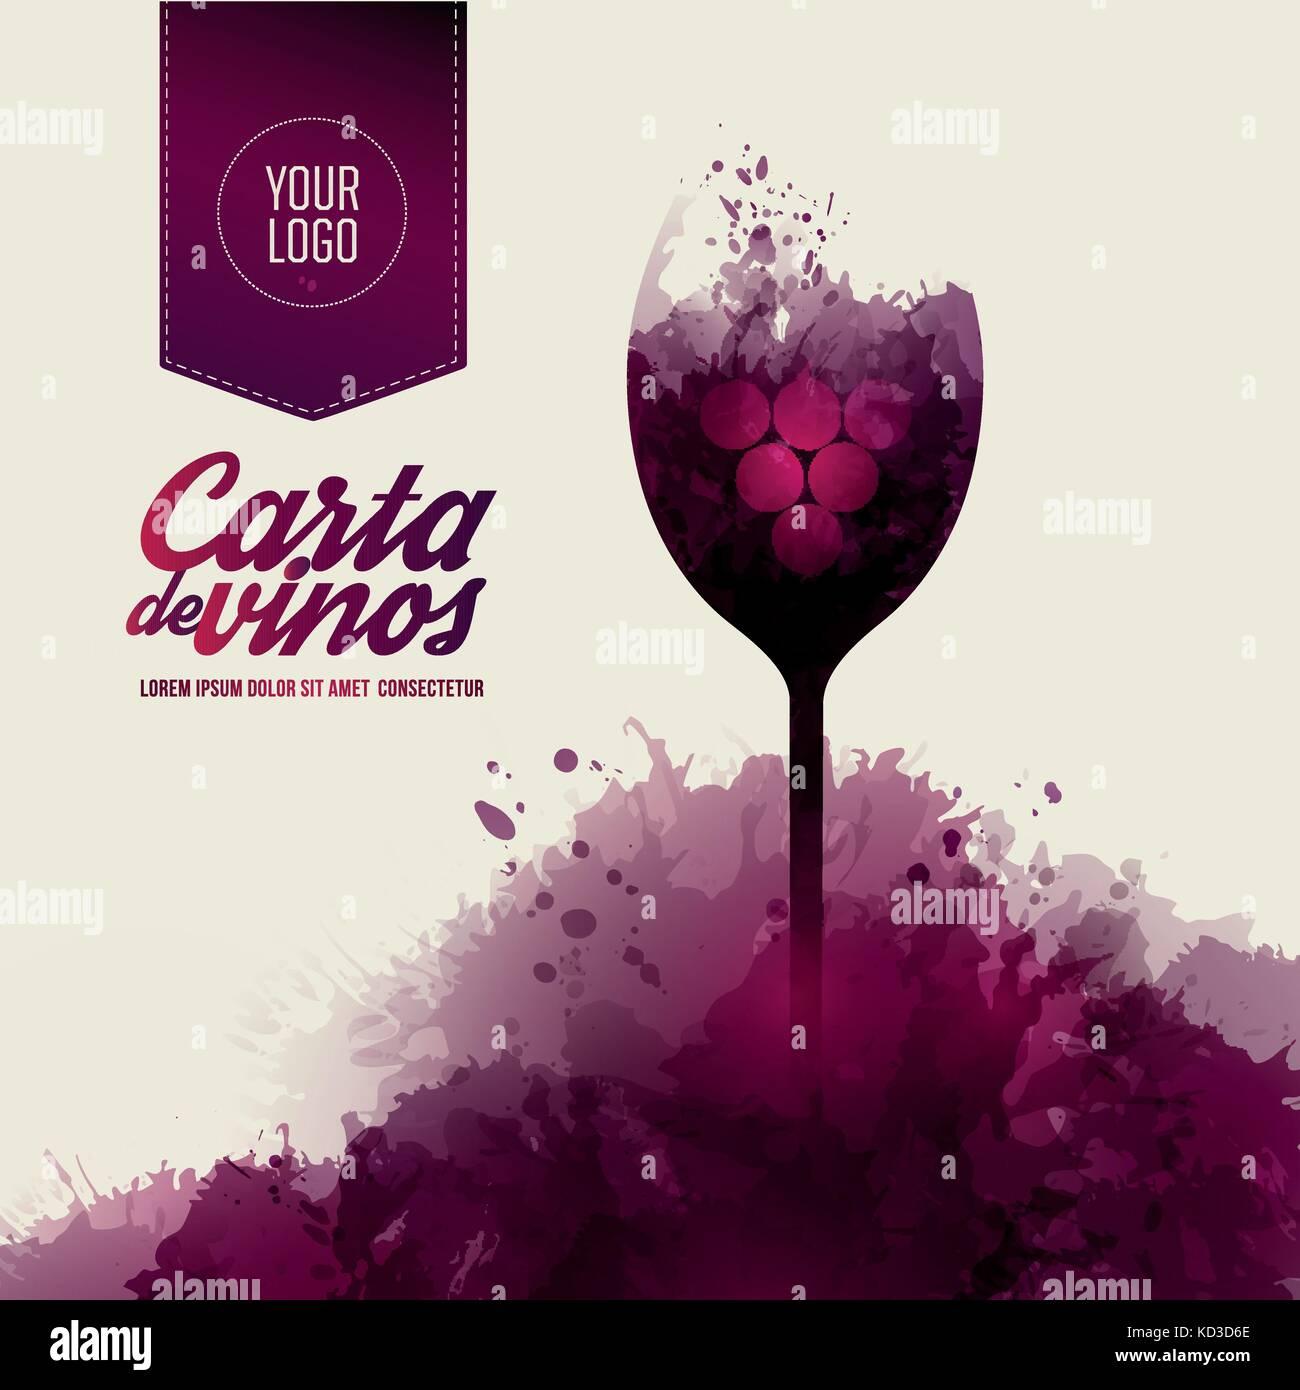 Lista de plantillas o cata de vinos. Ilustración de una copa de vino ...